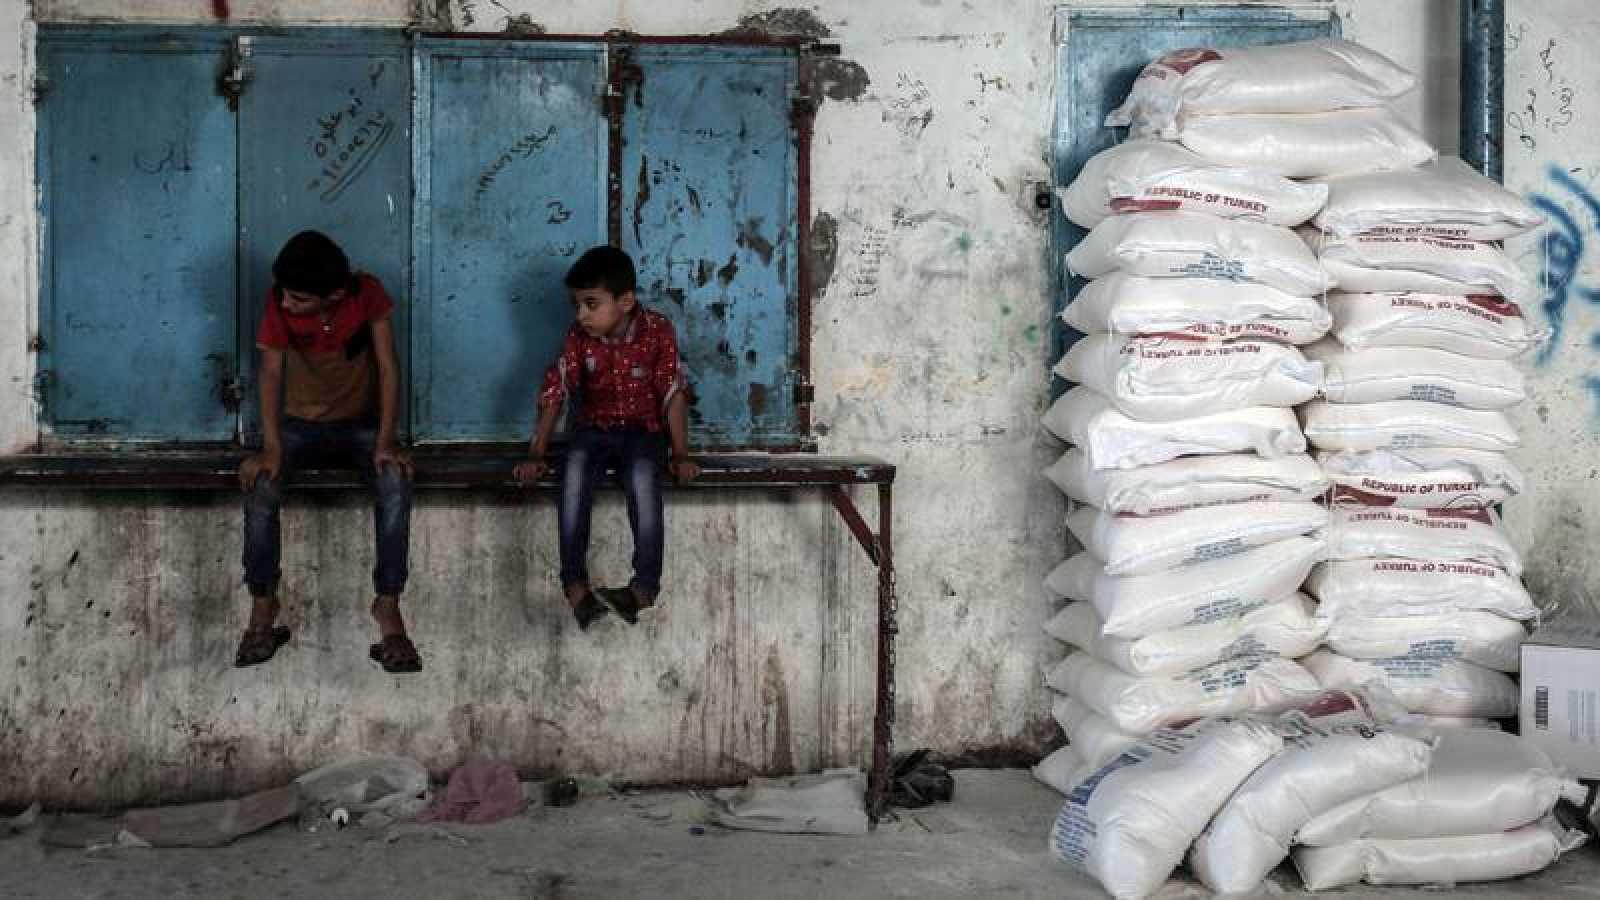 Dos niños gazatíes esperan sentados al lado de sacos de comida provenientes de la ayuda humanitaria de Agencia de Naciones Unidas para los Refugiados de Palestina en Oriente Próximo.